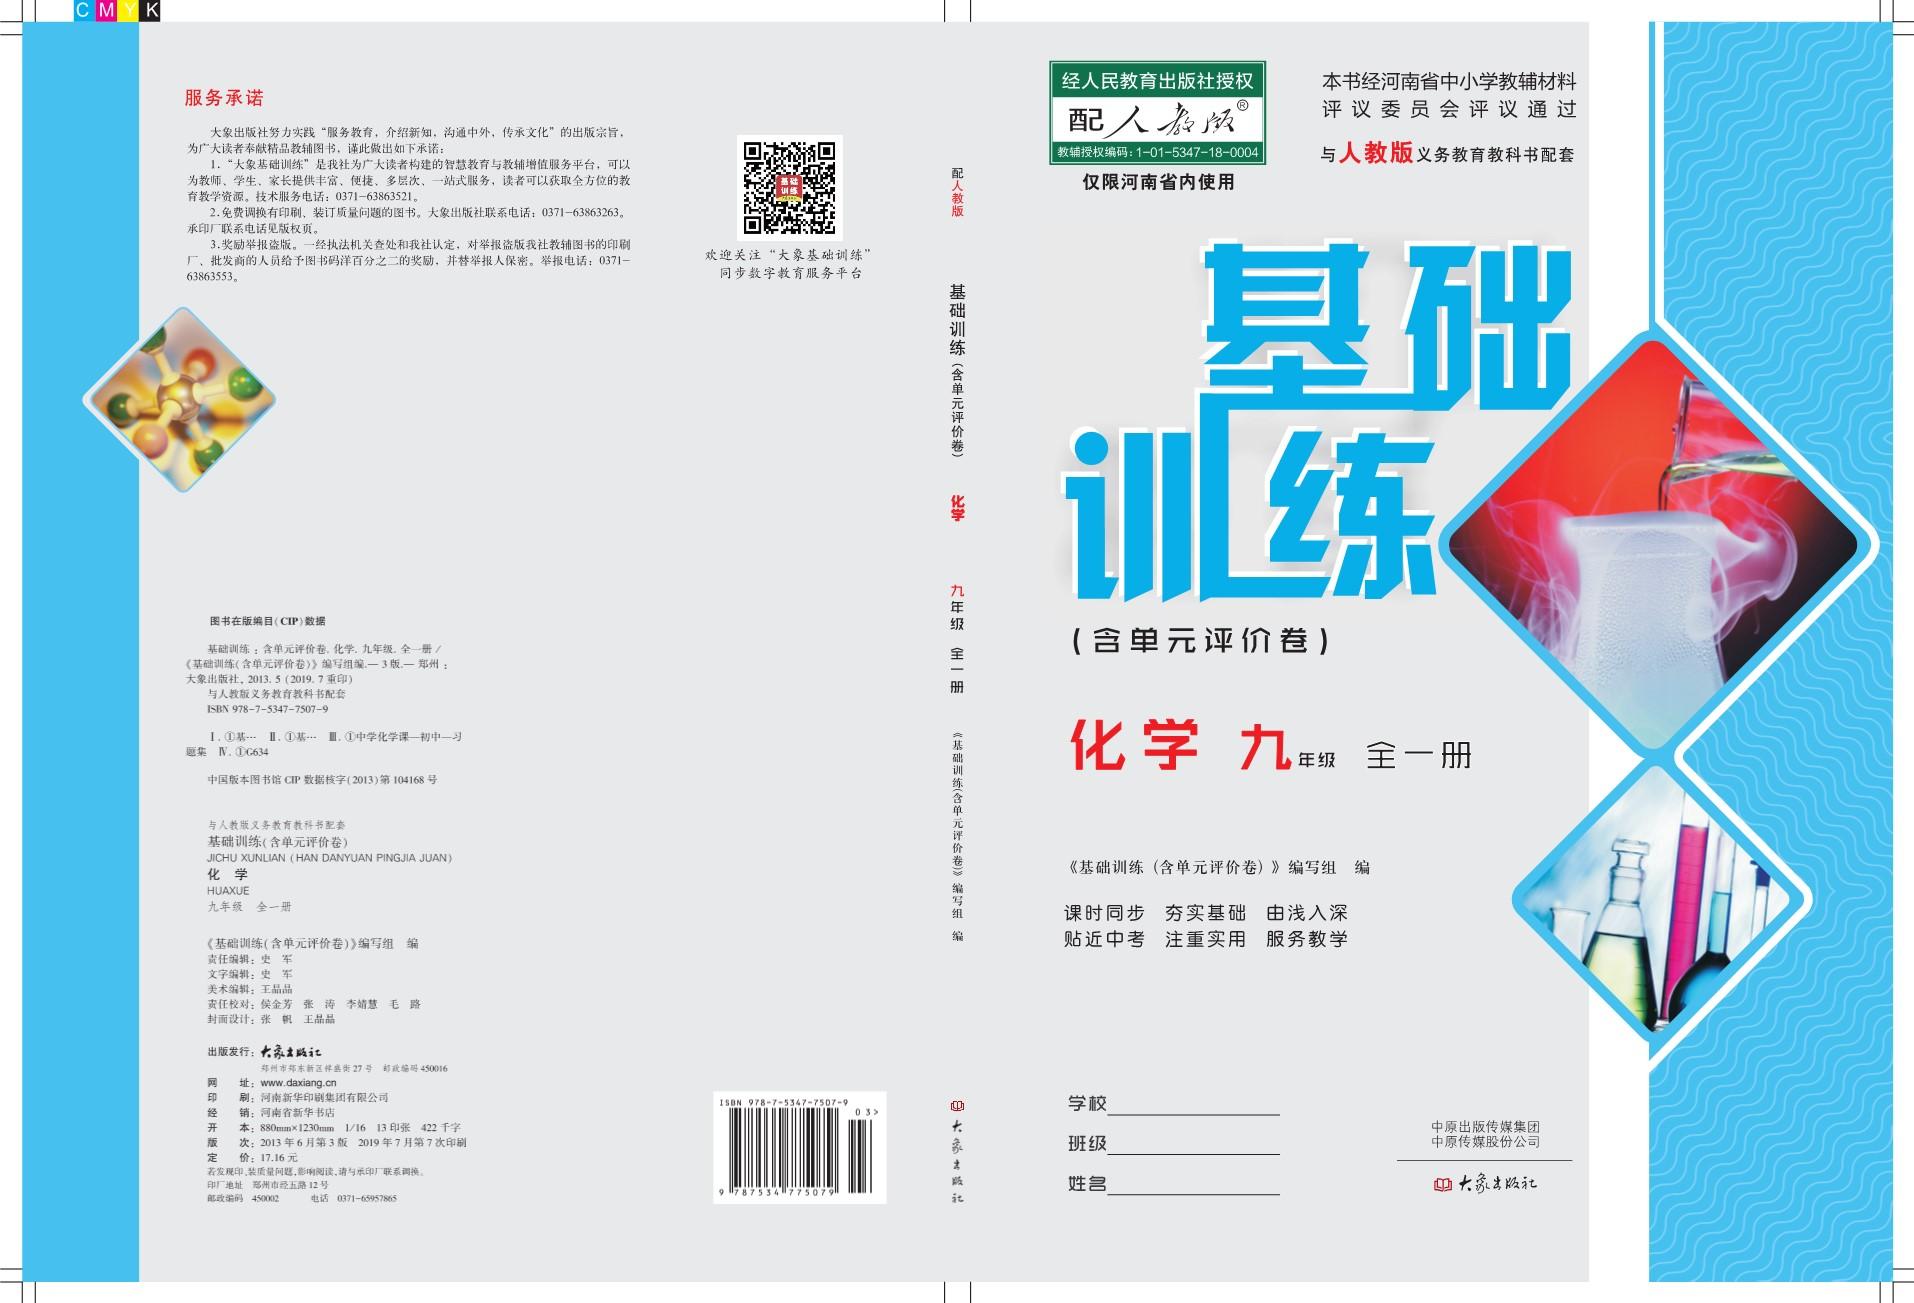 01191133 九年级化学基础训练 人教版  全一册含单元评价卷 不带答案 大象出版社 19年秋季教辅